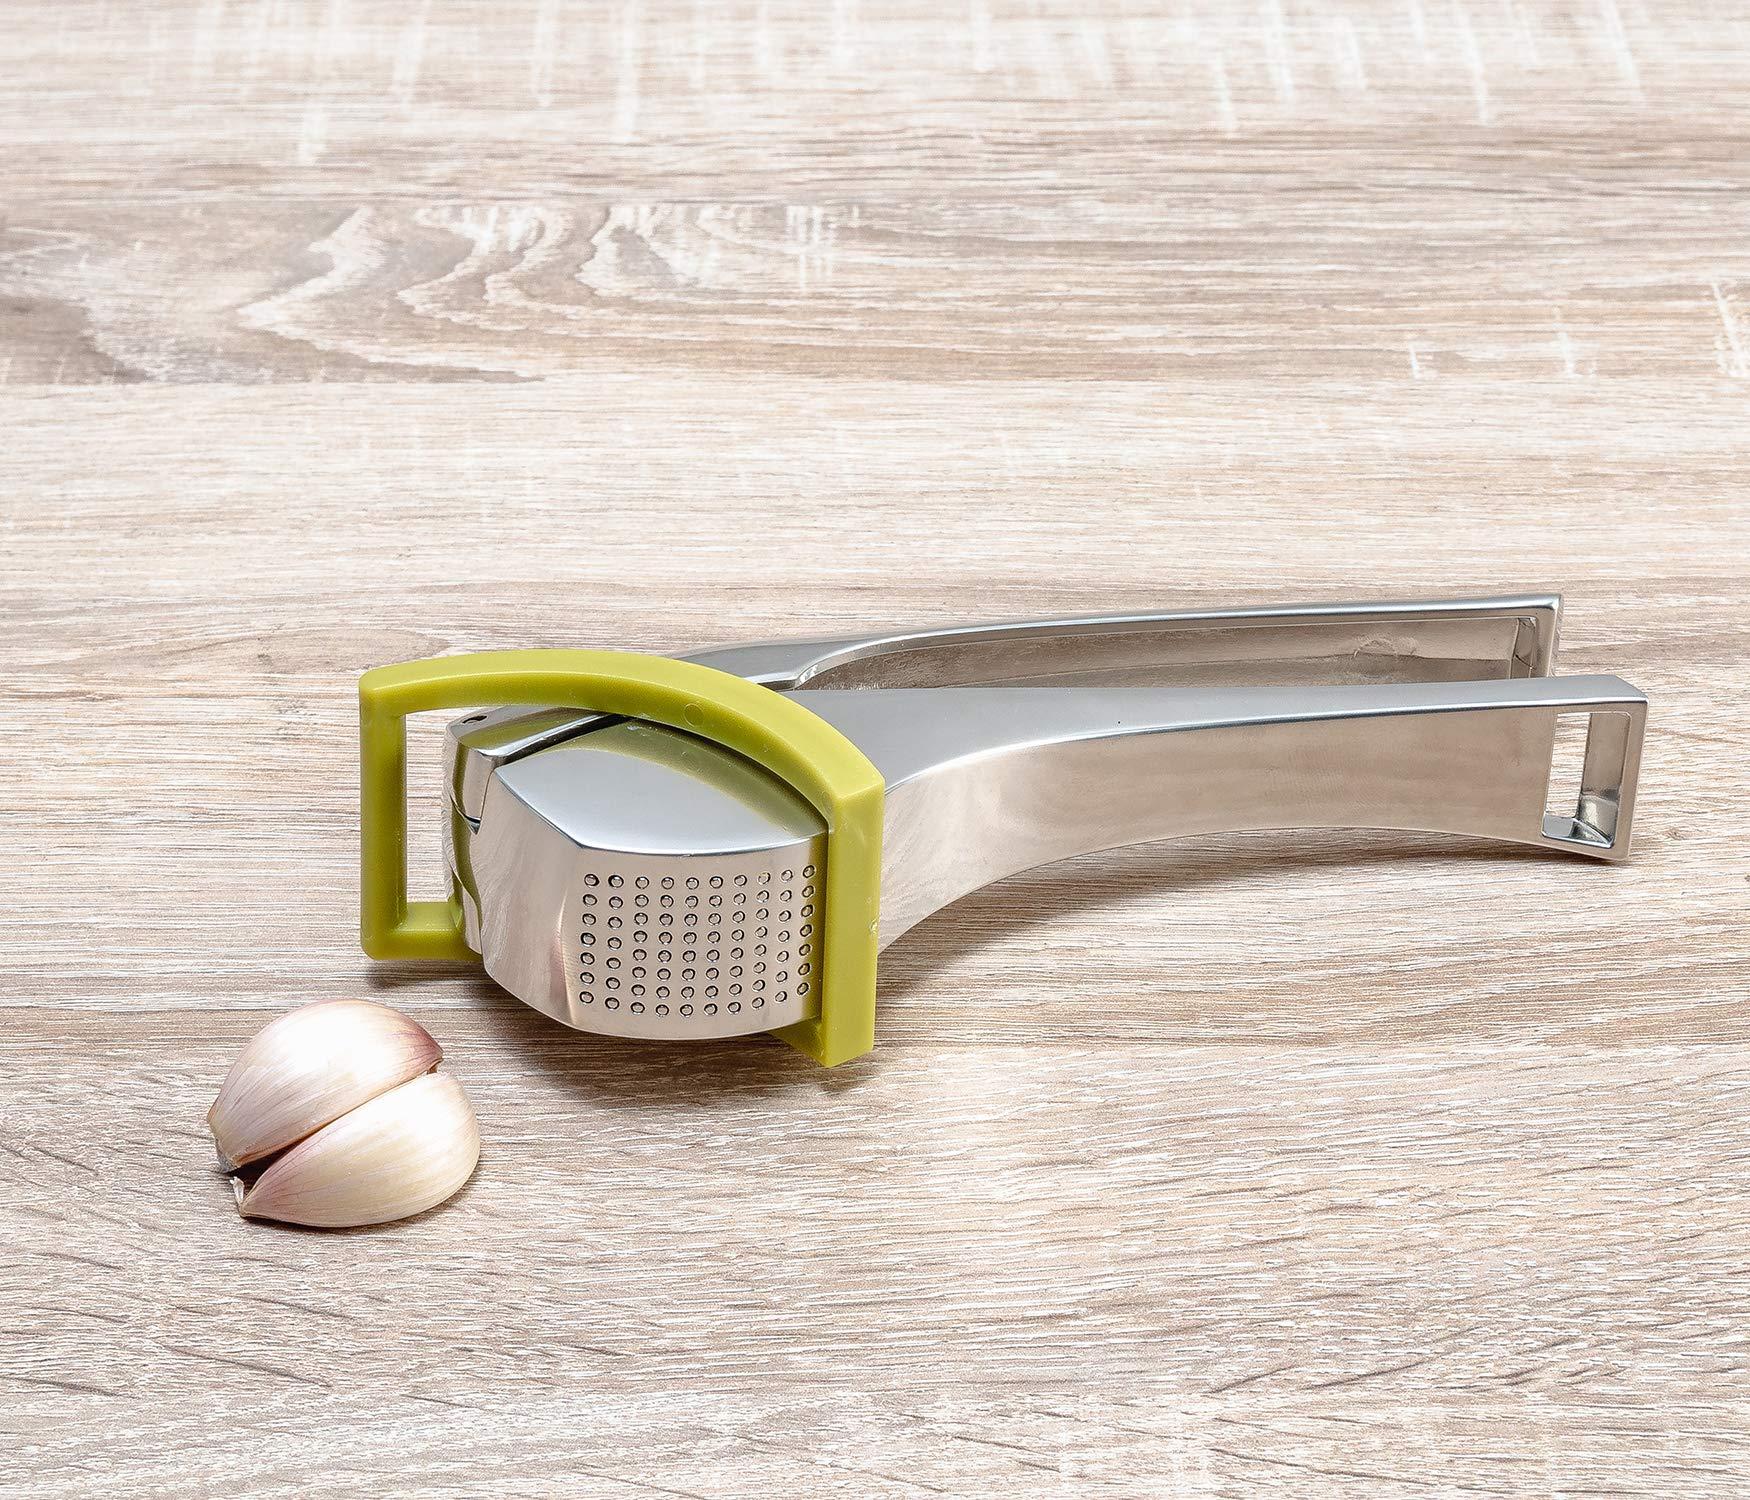 Tomorrow's Kitchen 6883660 Die Cast Garlic Press, use for Peeled or unpeeled, Green by Tomorrow's Kitchen